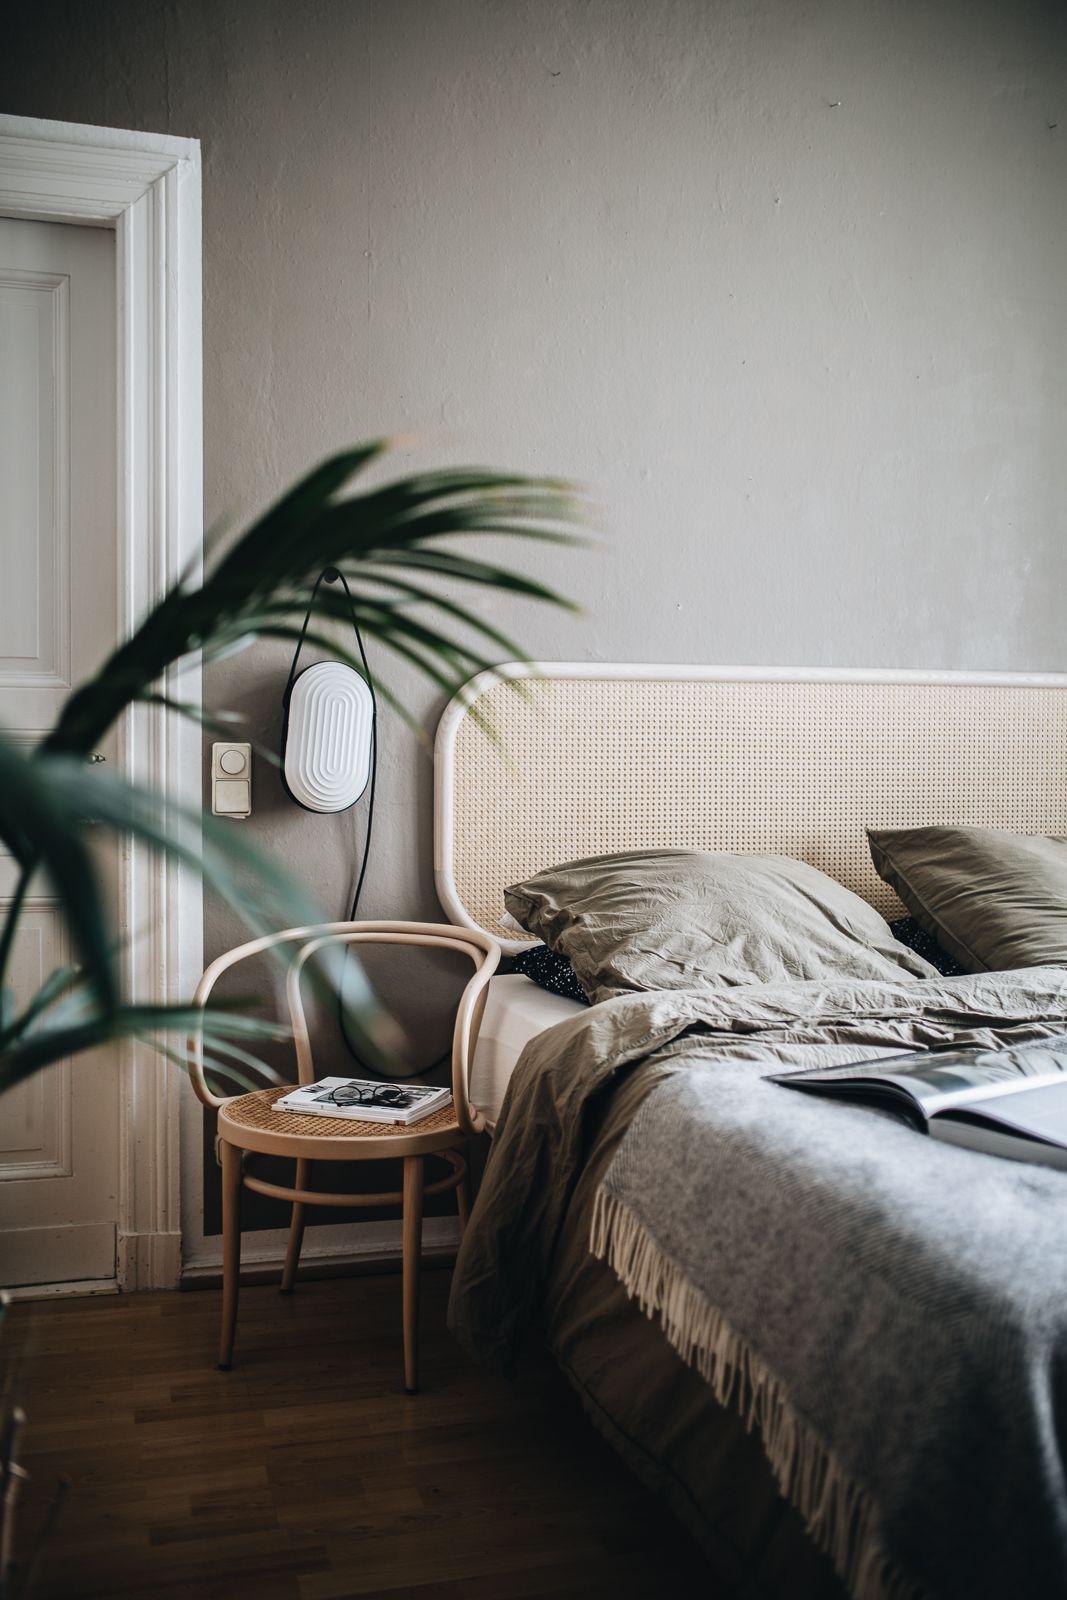 Amazing Bedroom Interior Design Ideas To Try07